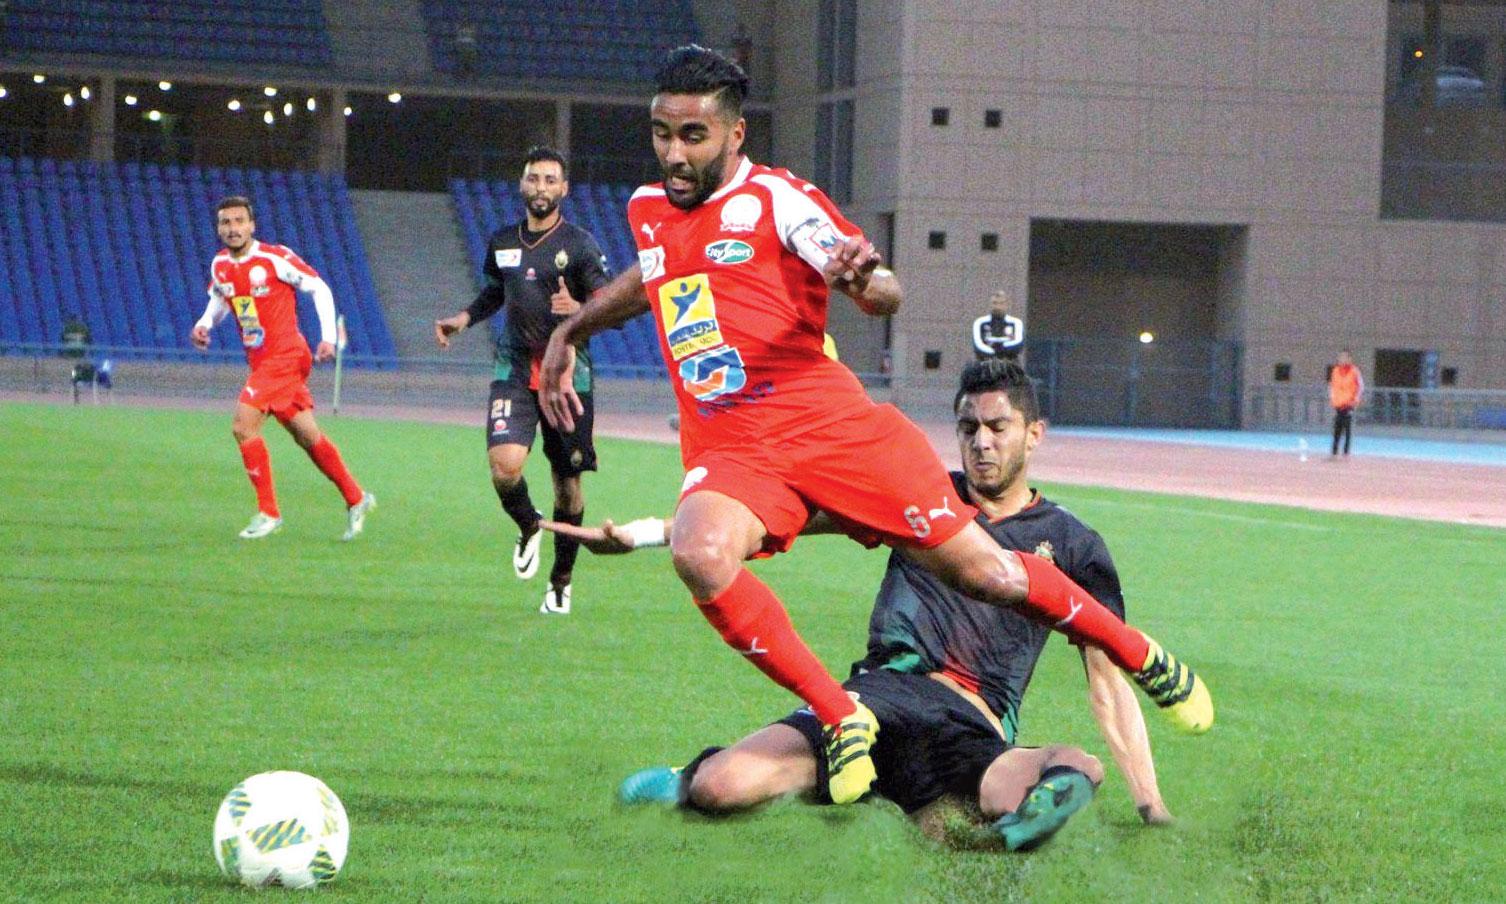 Le KACM surprend l'AS FAR à Rabat, Alos s'en prend aux supporters et aux joueurs